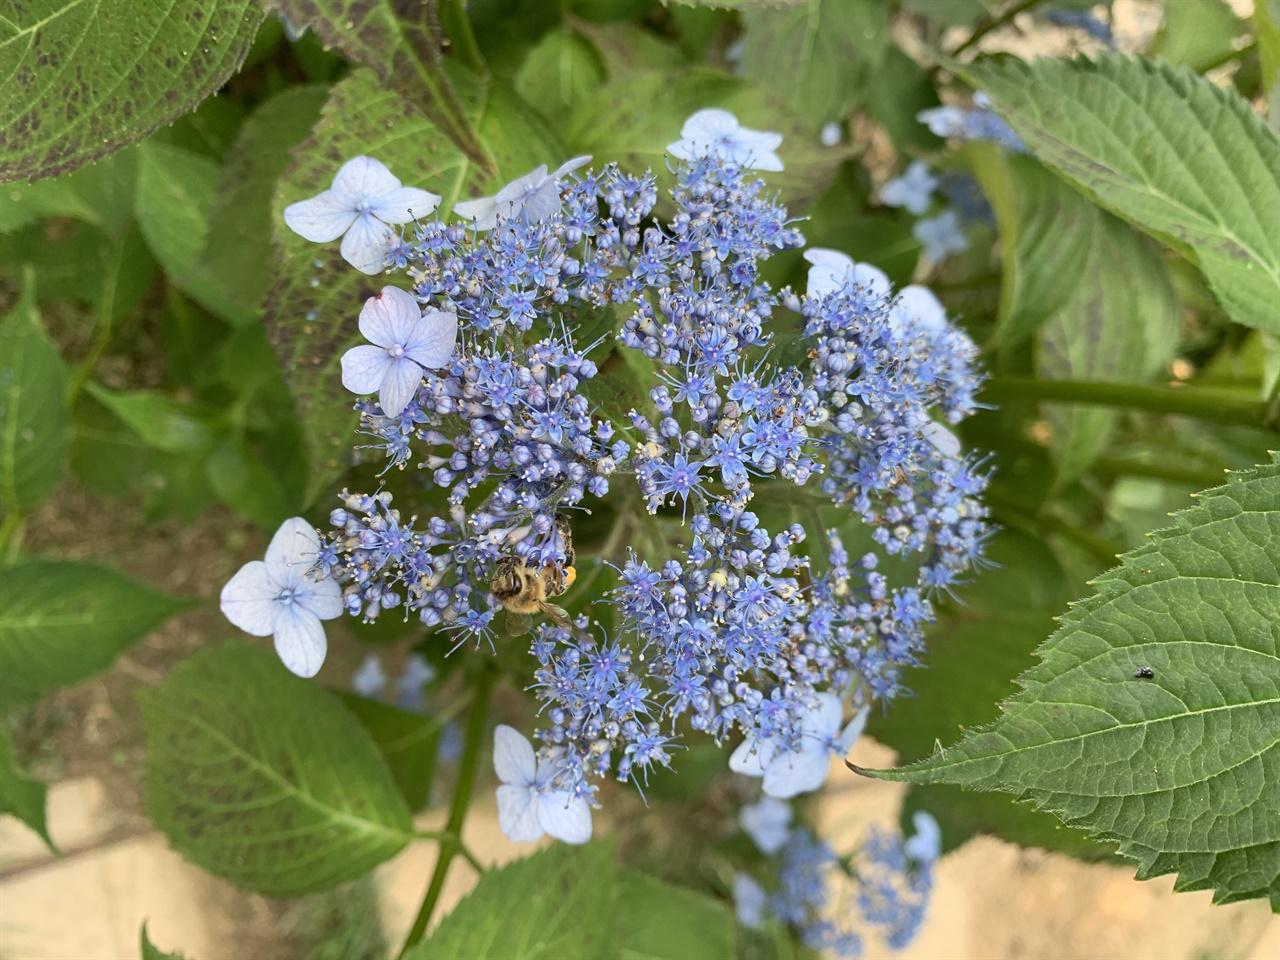 산수국의 가꽃 진꽃  산수국은 꽃가루와 알세포가 없는 가꽃을 피워 벌을 유인한다. 우리가 흔히 꽃이라 생각하는 부분이 가꽃이고, 안쪽에 자글자글 피어있는 부분이 씨앗을 만드는 진꽃이다.